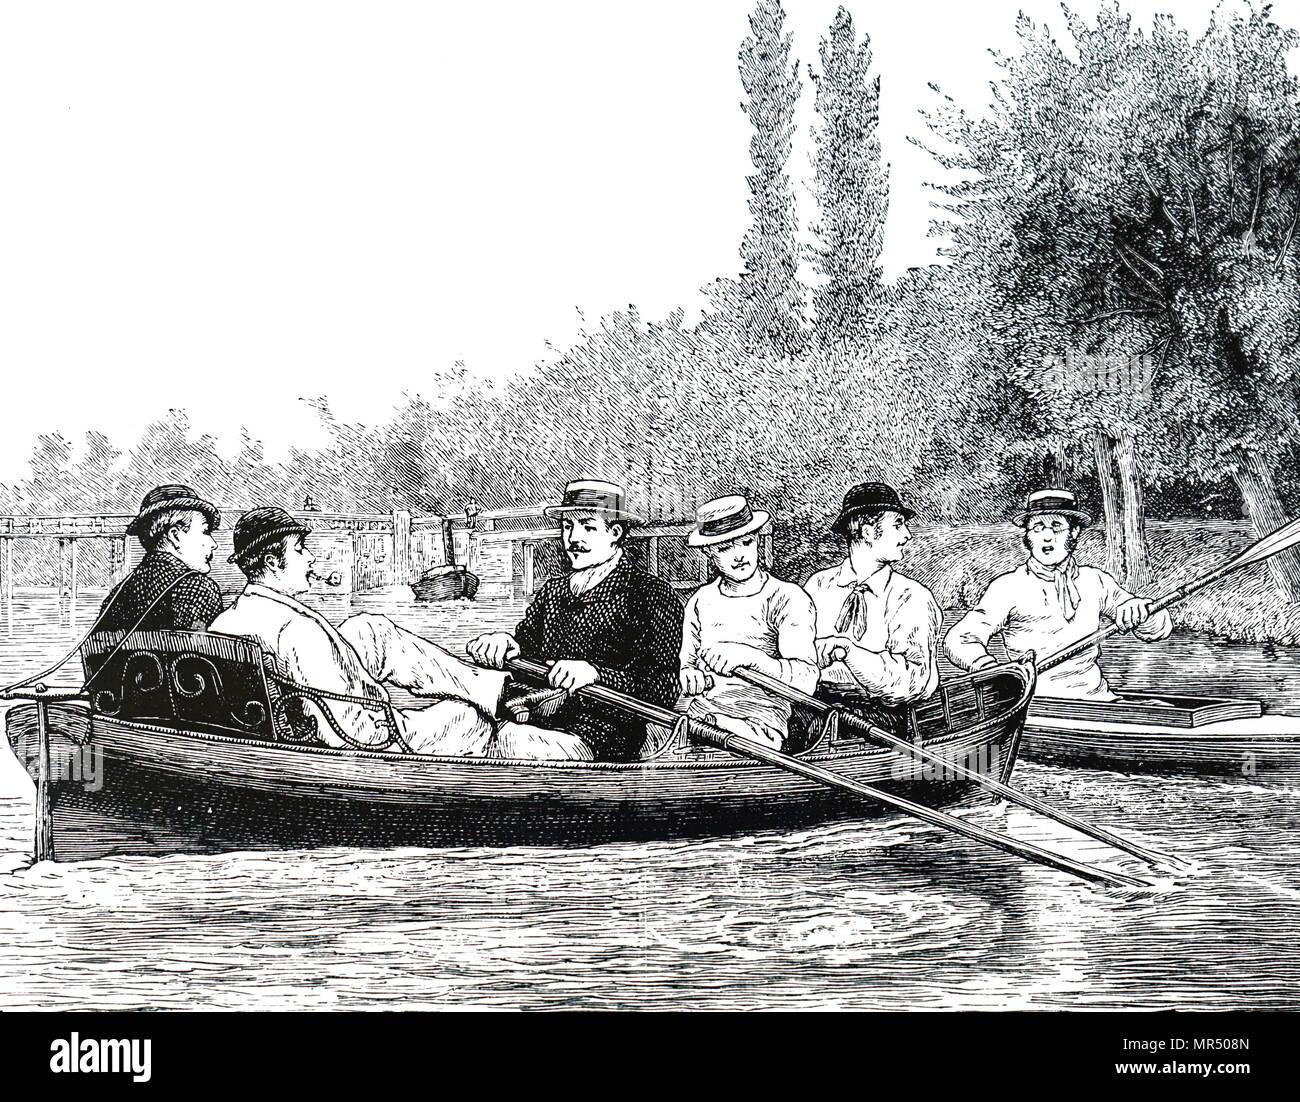 Illustration représentant les étudiants de l'Université d'Oxford de l'aviron sur la rivière d'Iffley. En date du 19e siècle Photo Stock